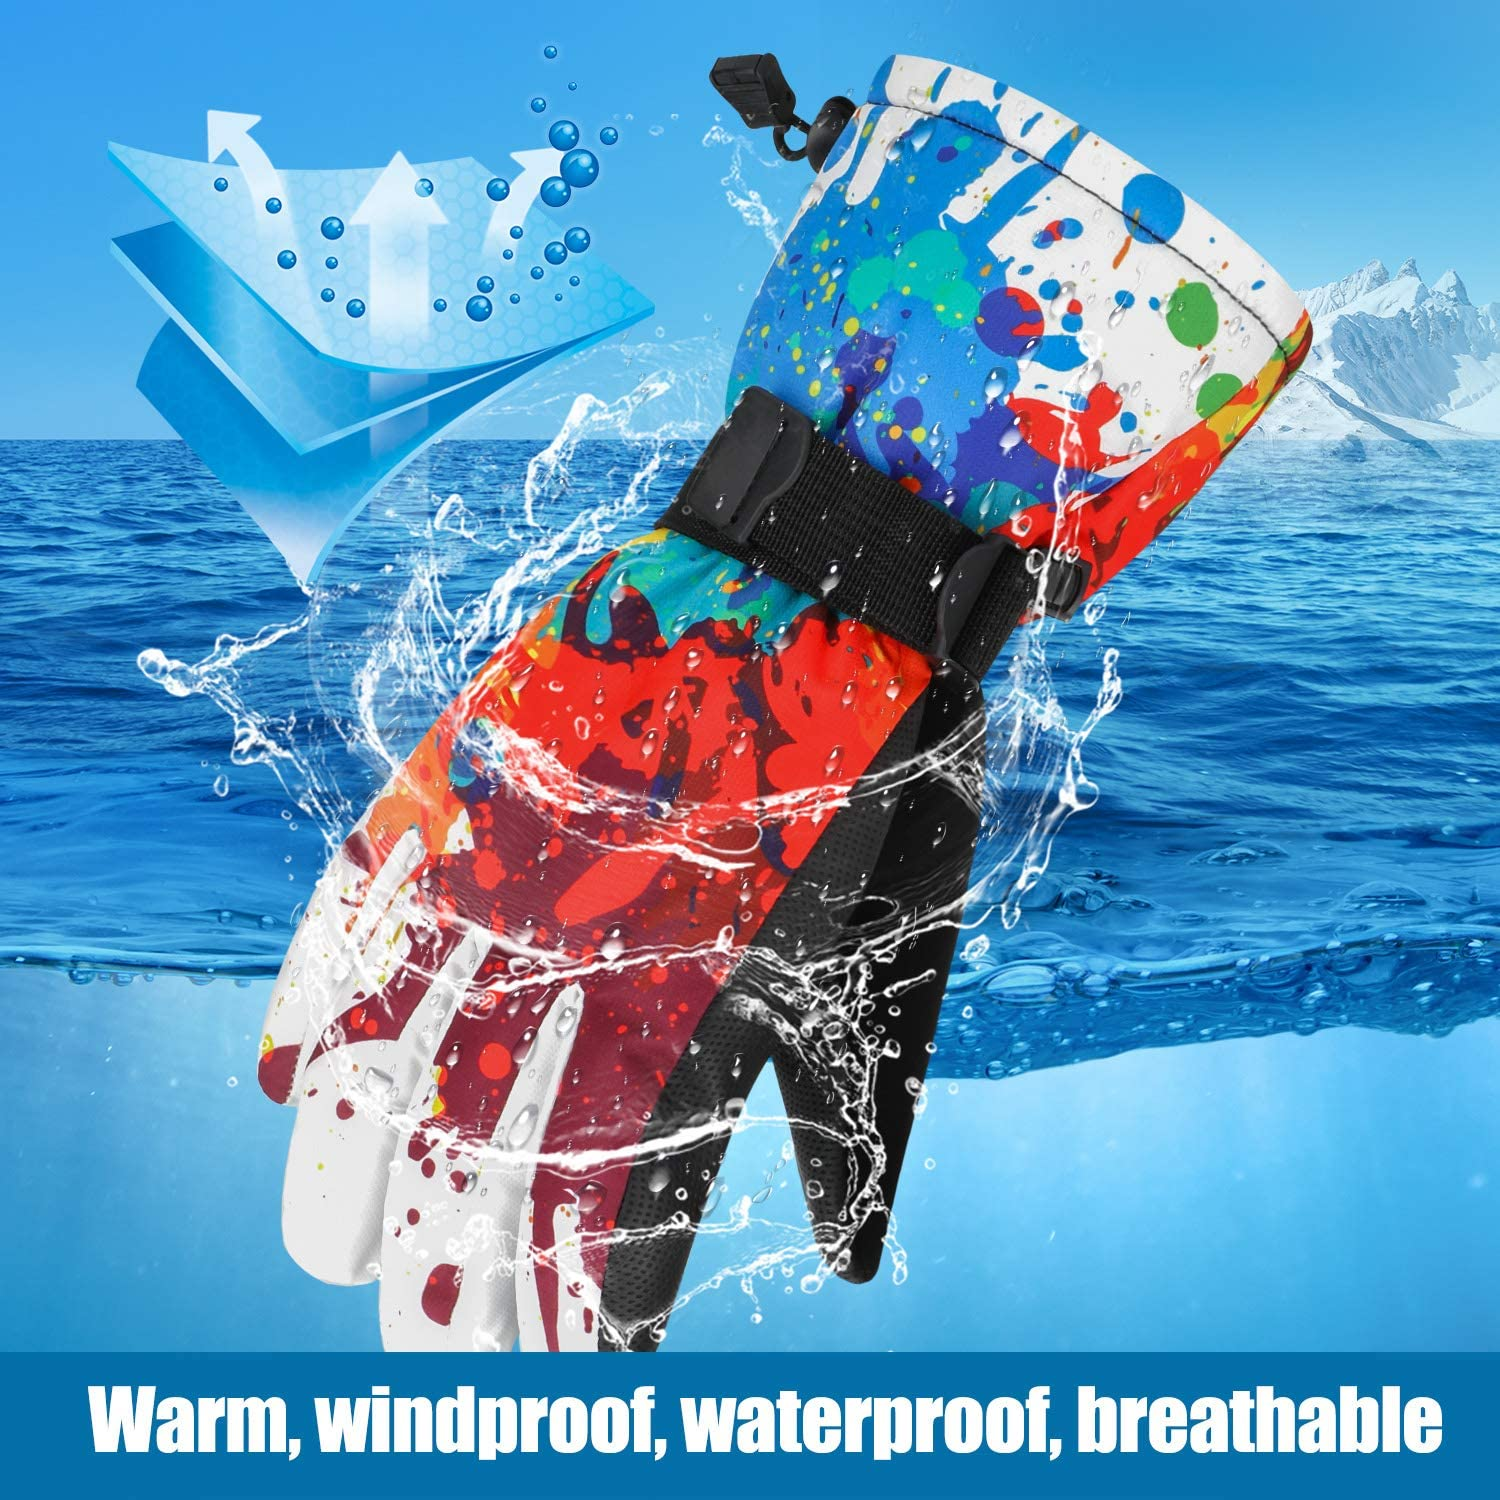 Impermeabile Inverno Outdoor Guanti Sport Meglio per Lo Sci Snow Snowboard Motoslitta Formato per Gli Uomini Adulti Oumers Guanti da Sci